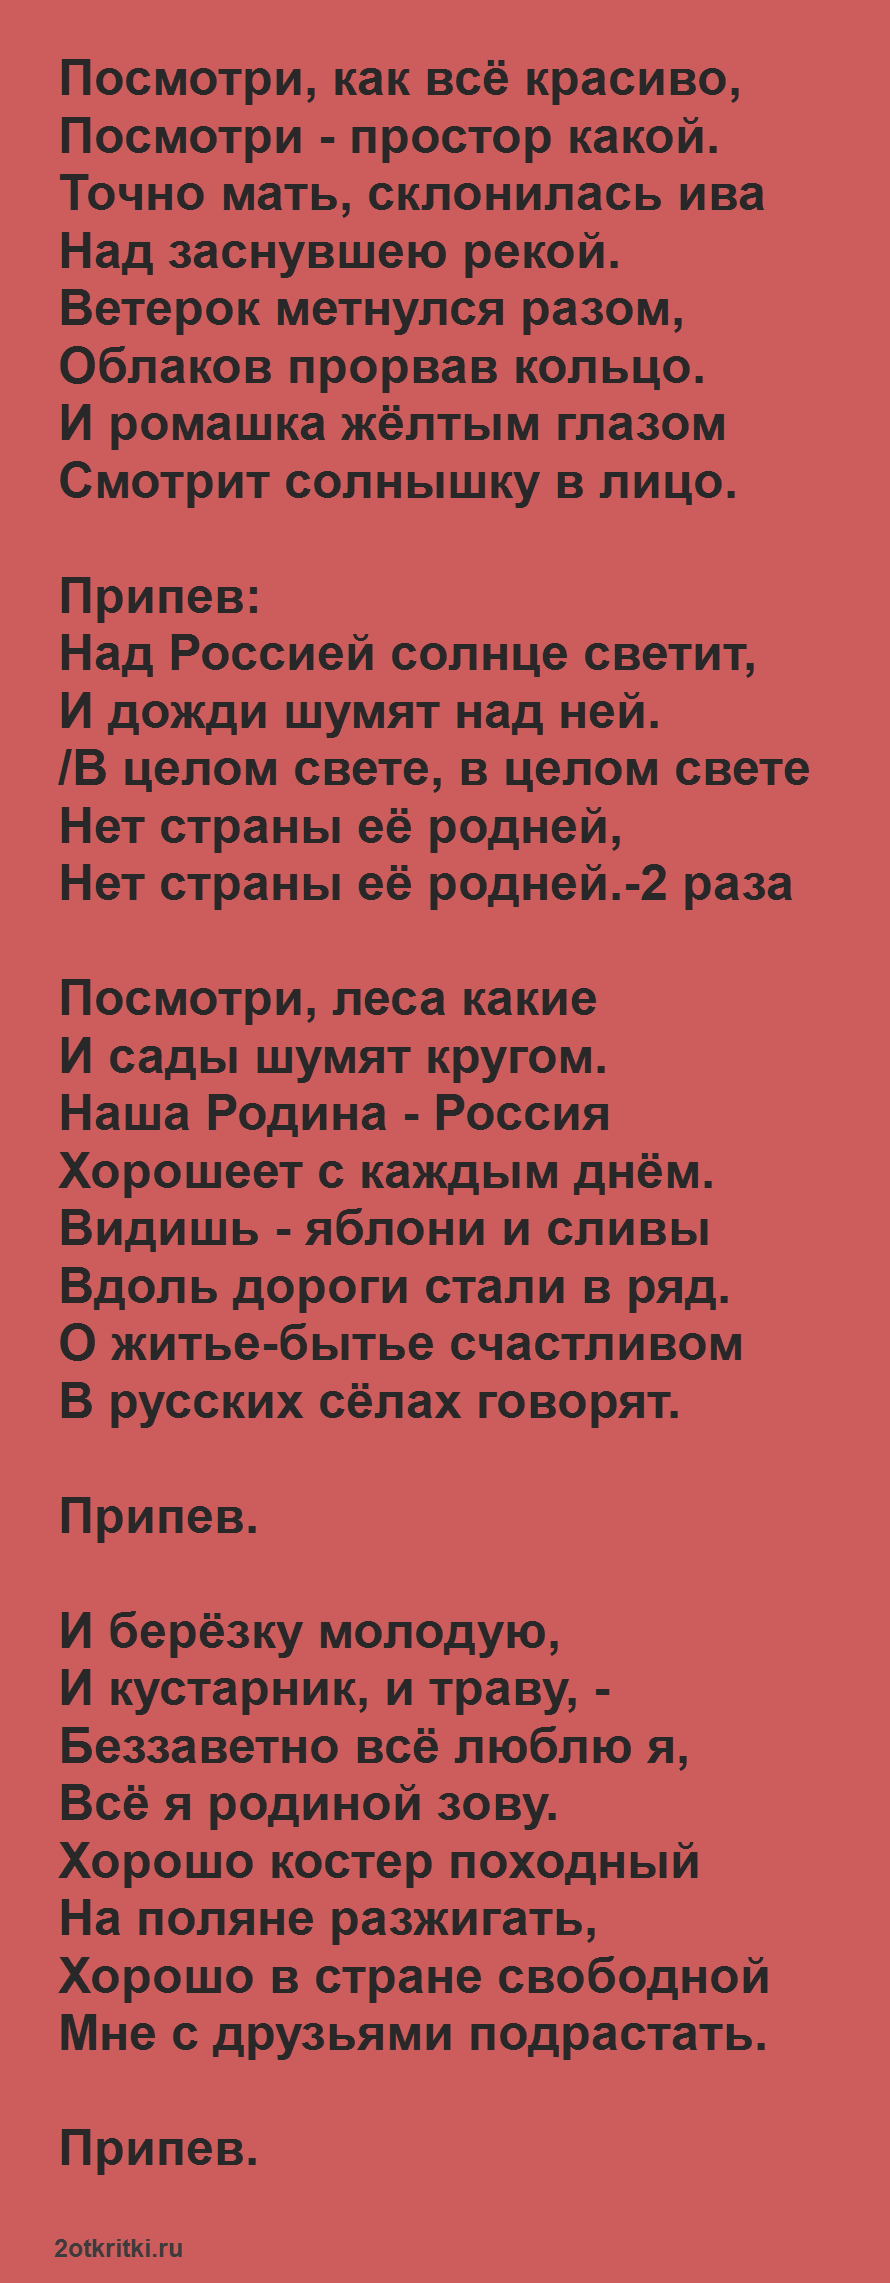 Скачать песни на день России - Посмотри, как все красиво